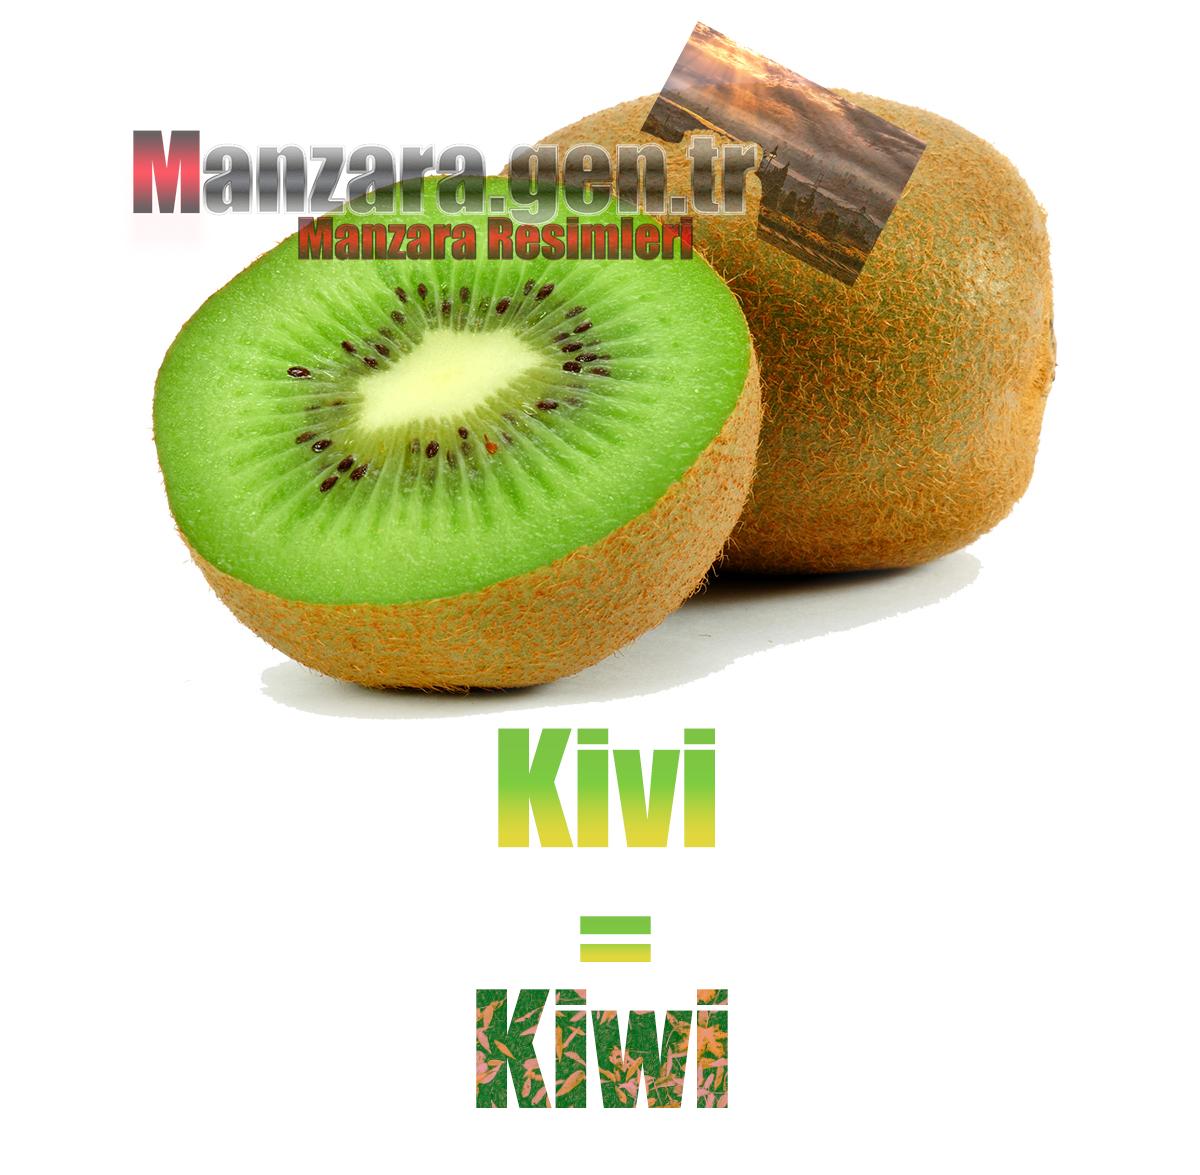 İtalyanca Meyve İsimleri - Kivinin İtalyancası Nedir ? Kivi İtalyanca Nasıl Yazılır ? Che cos'è il turco in kiwi? Come scrivere kiwi in turco?